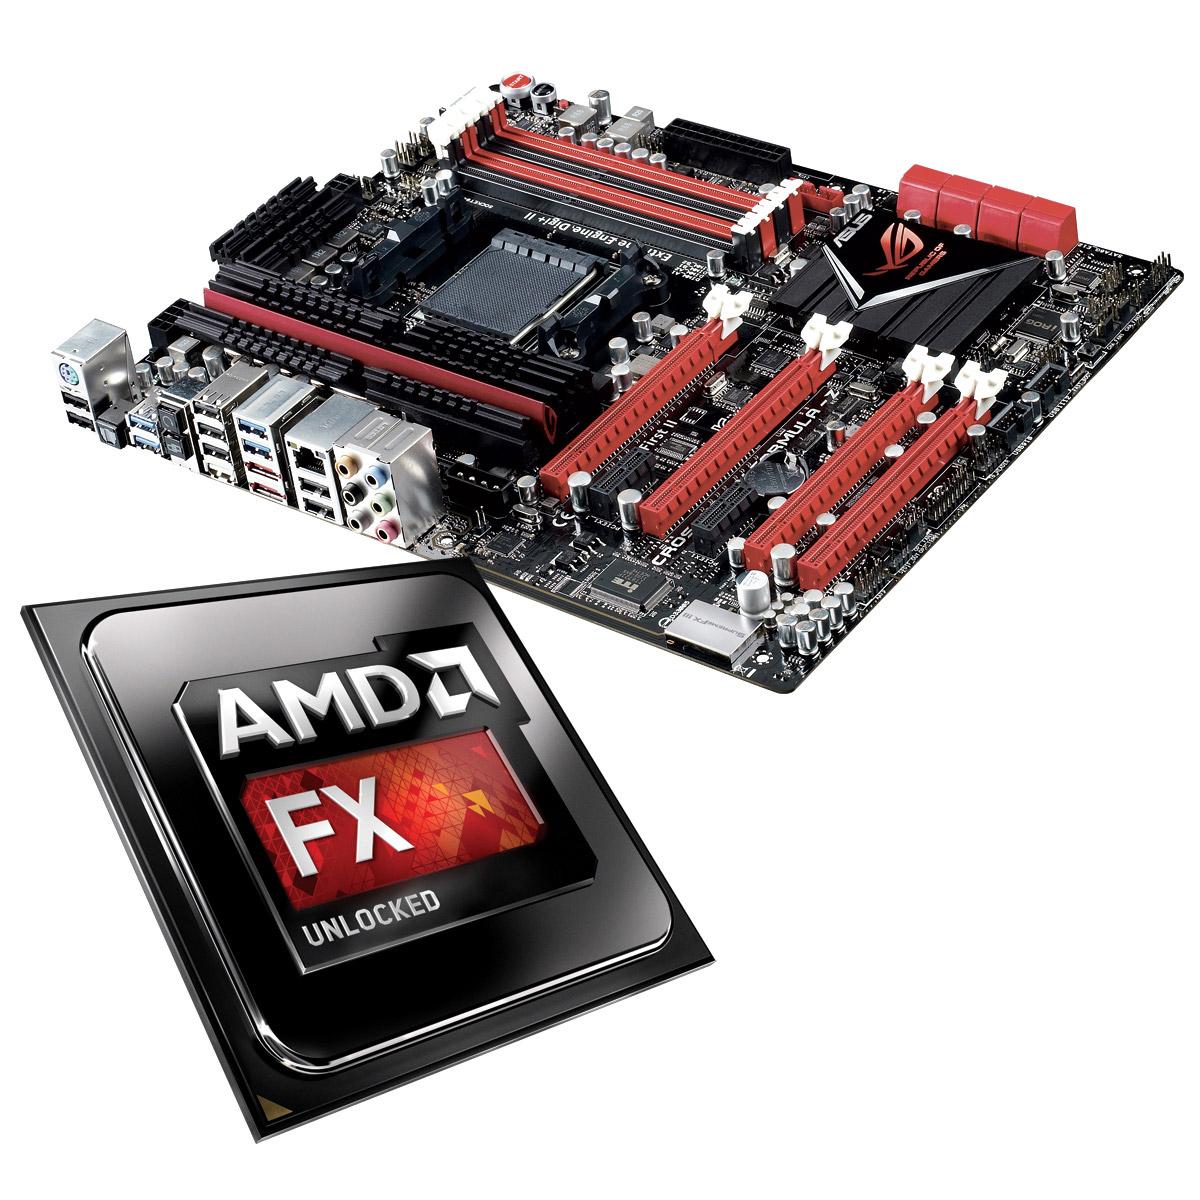 Processeur AMD FX 9370 Unlocked + ASUS Crosshair V Formula Z Processeur 8-Core 4.7 GHz socket AM3+ Cache L3 8 Mo + Carte mère ATX AMD 990FX